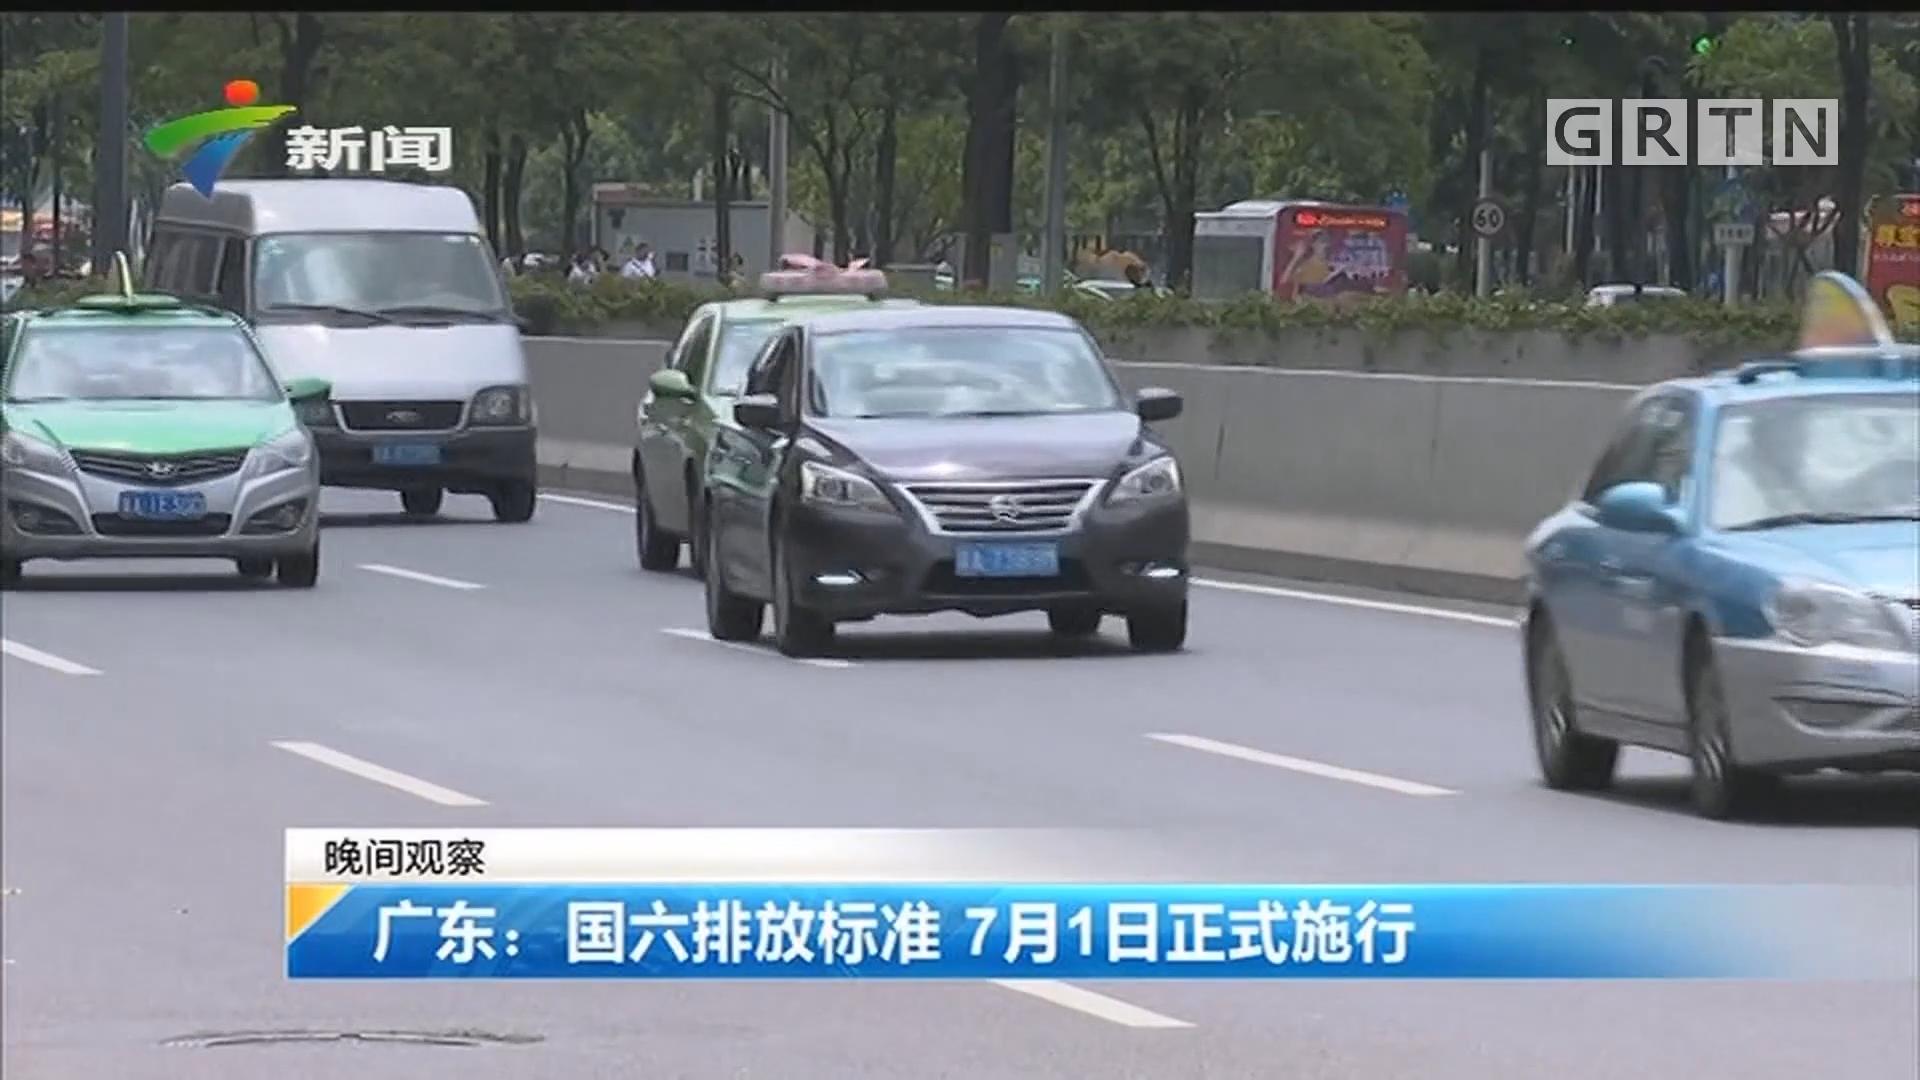 广东:国六排放标准 7月1日正式施行